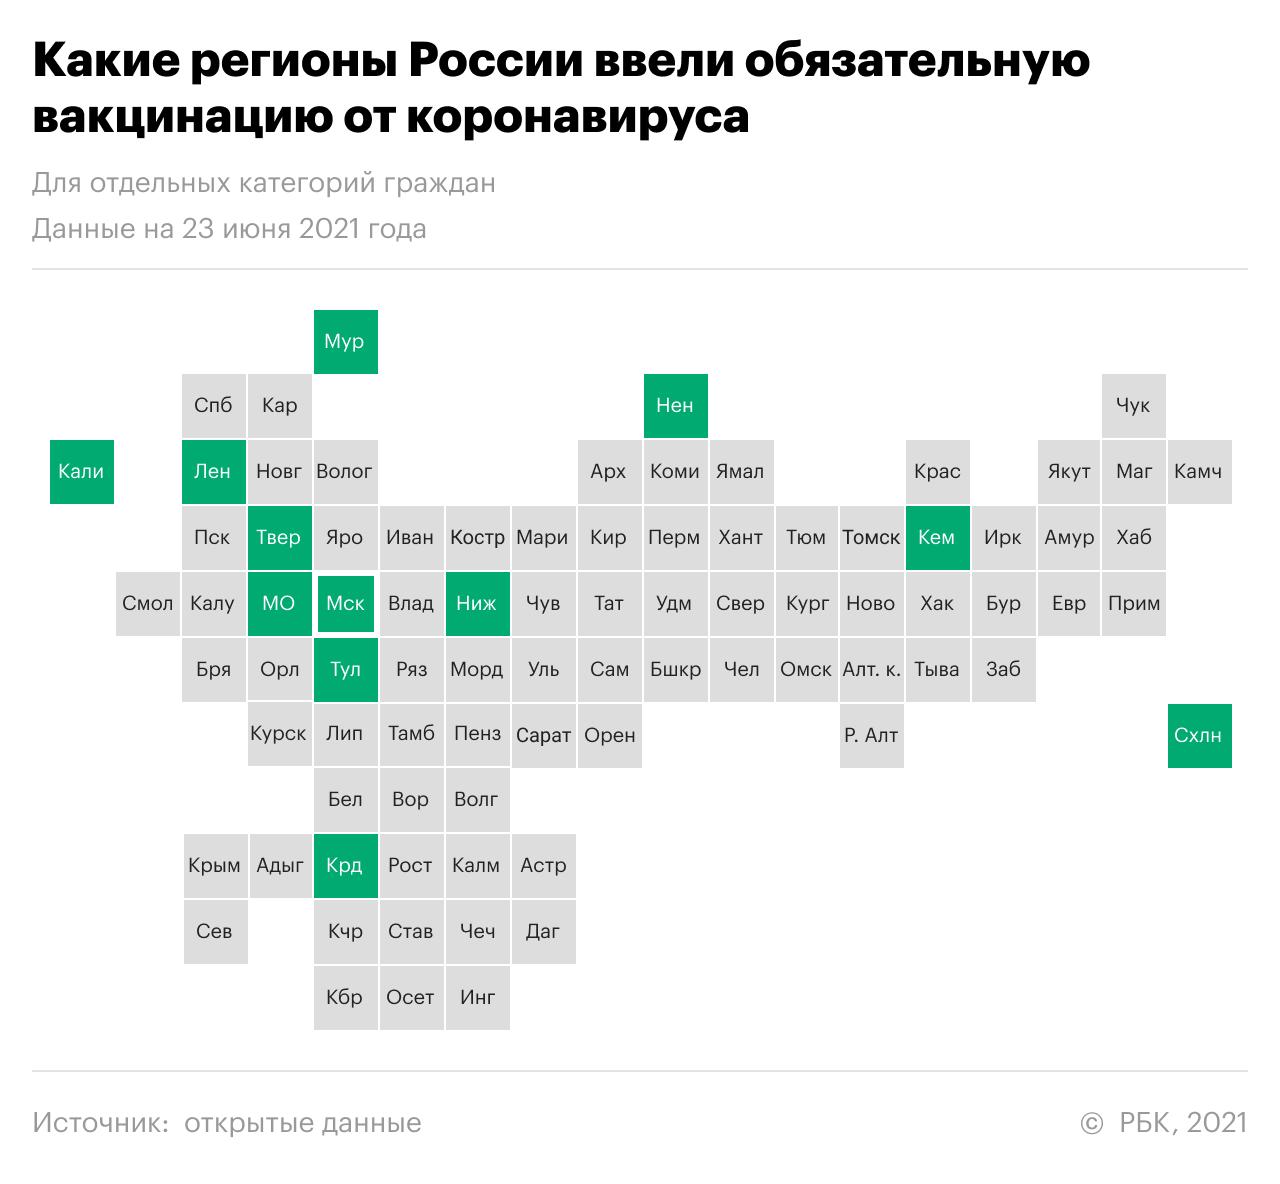 В Хабаровском крае приостановили вакцинацию от коронавируса